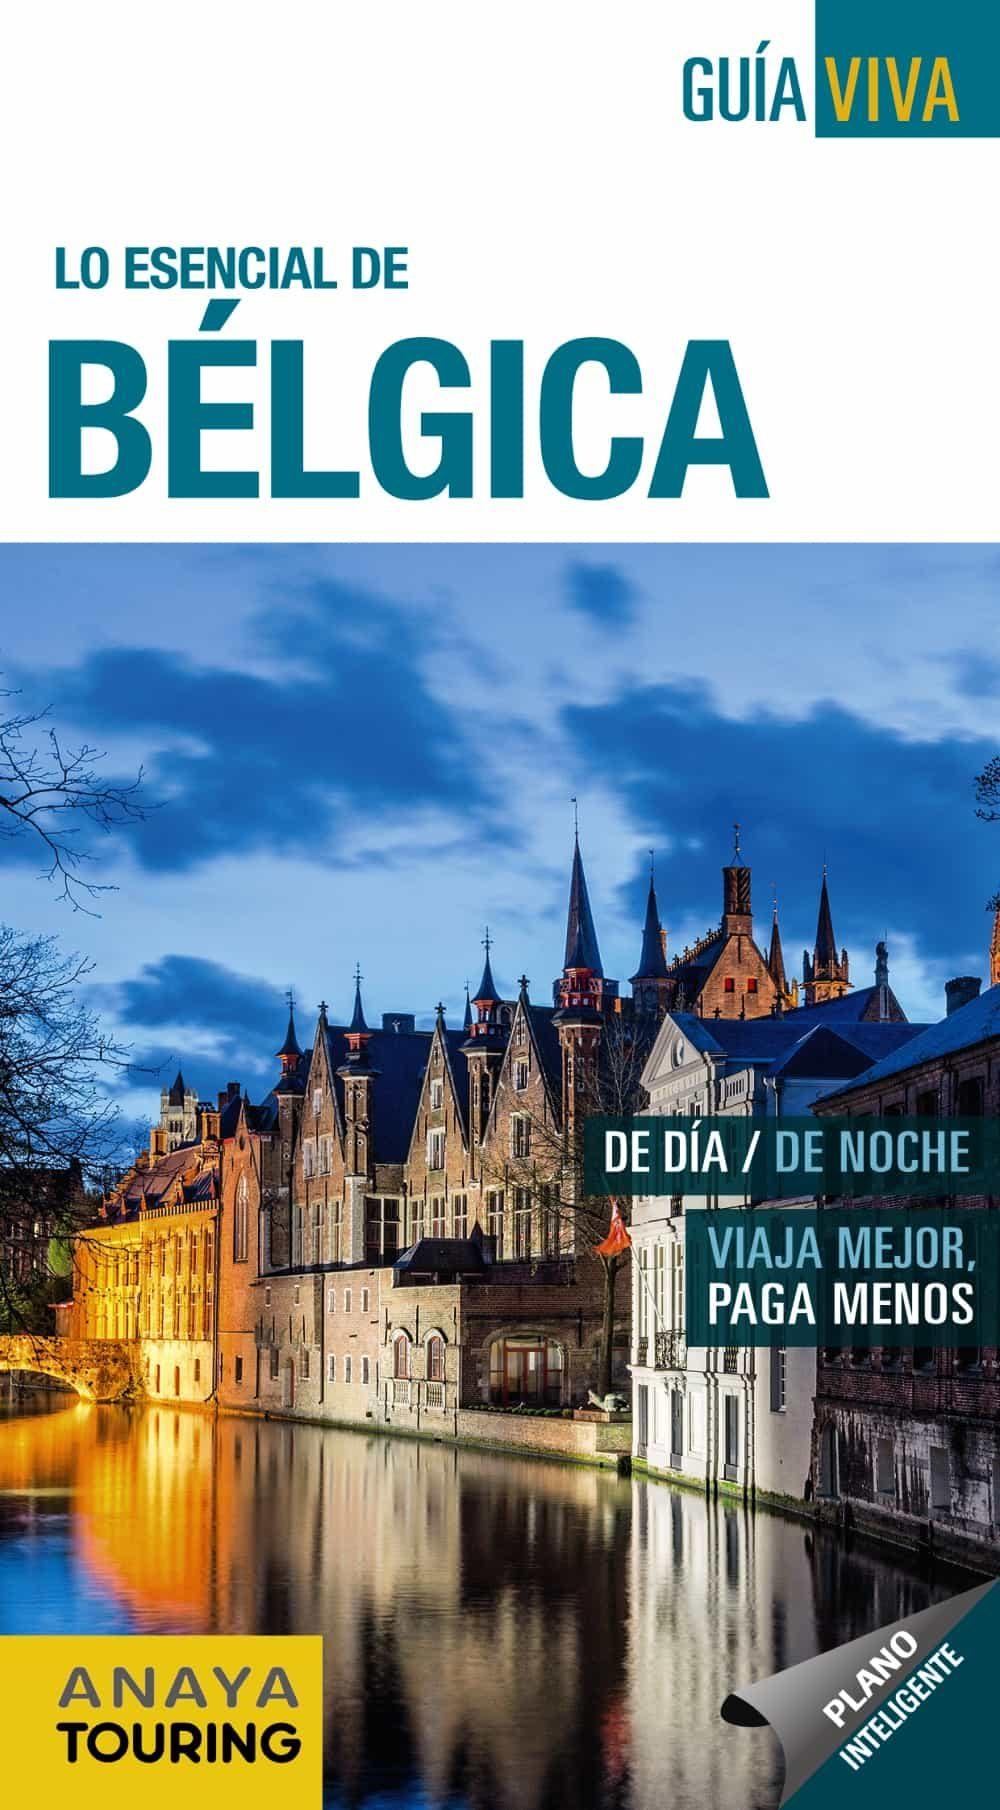 Lo Esencial De Bélgica 2017 (guia Viva) 6ª Ed. por Vv.aa.